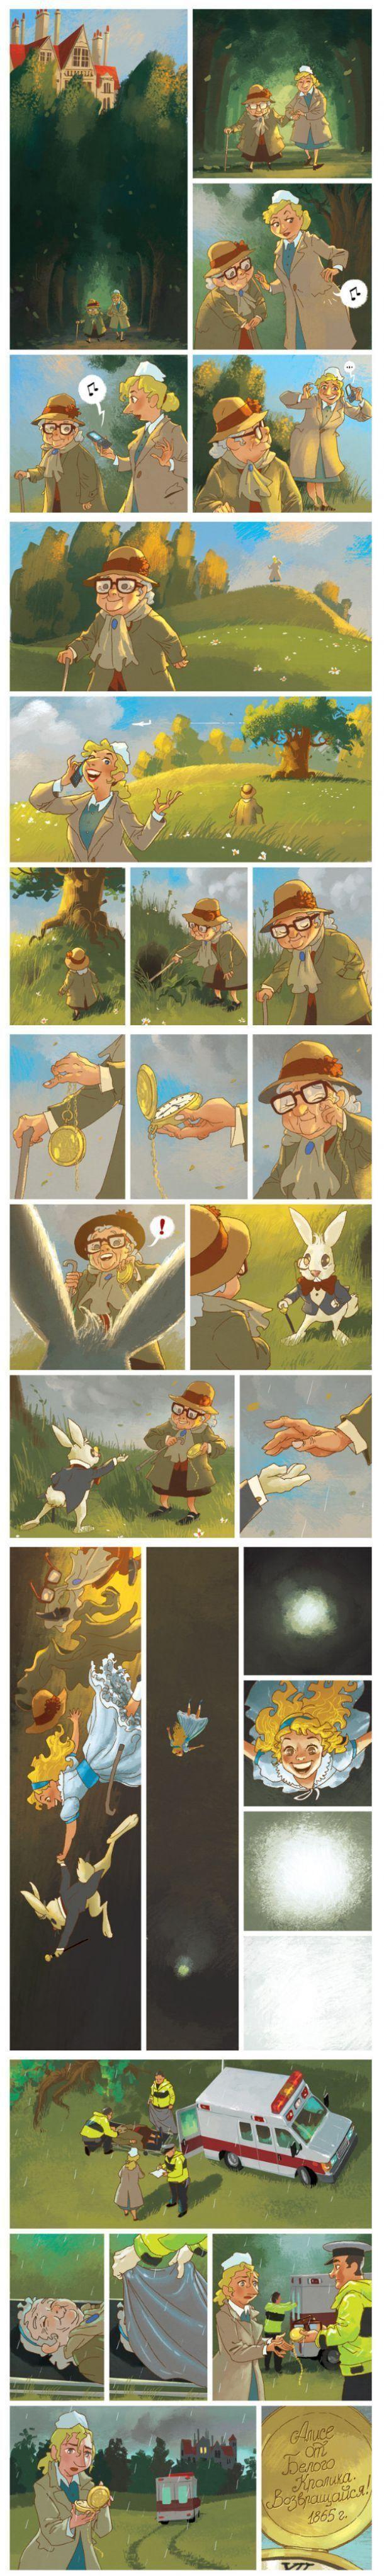 """Lo ultimo que dice: """"Para Alicia de conejo ¡vuelve pronto!"""